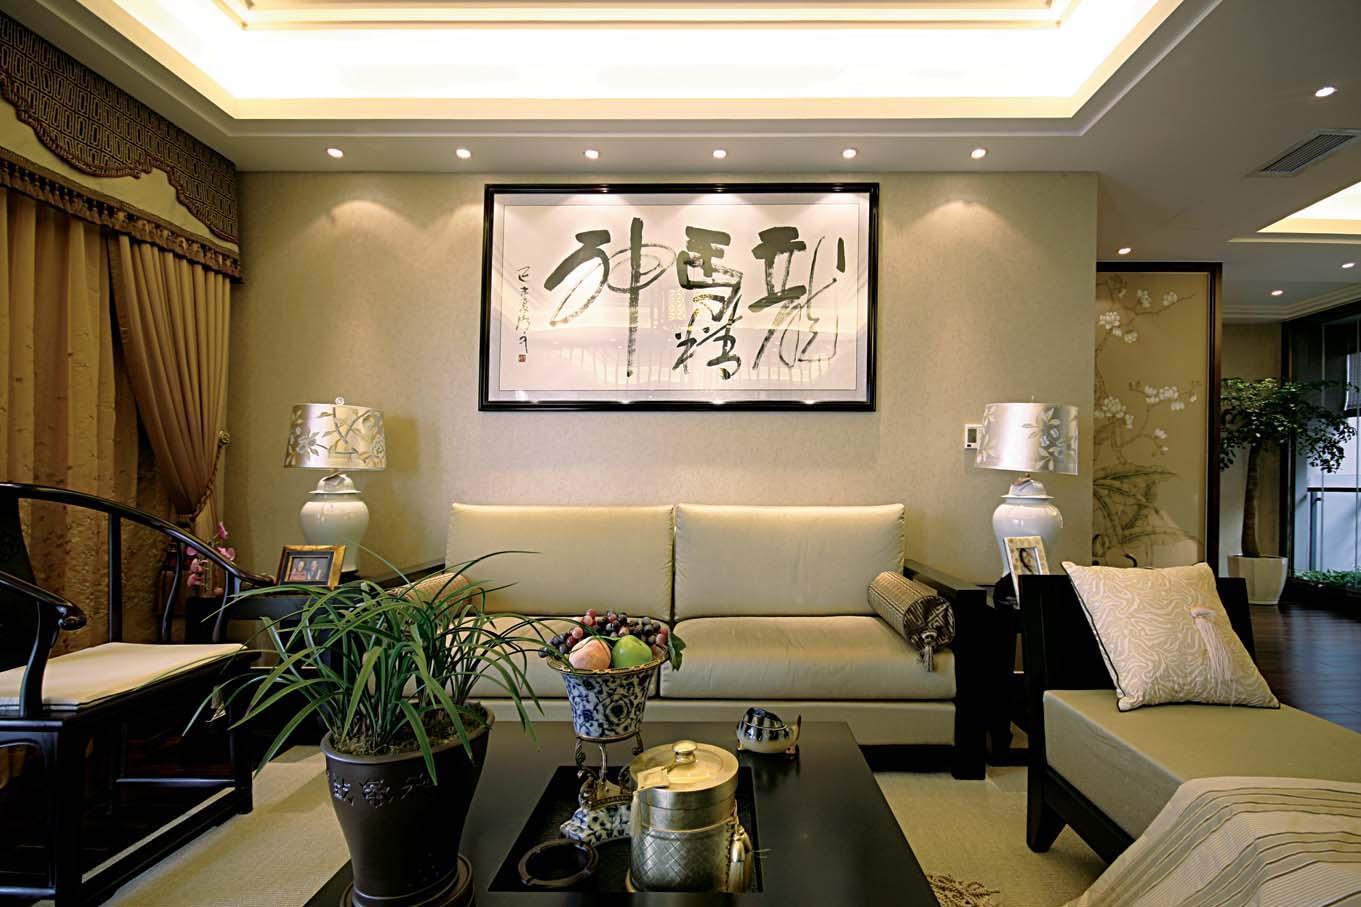 中式风格客厅喷绘画沙发背景墙装修效果图